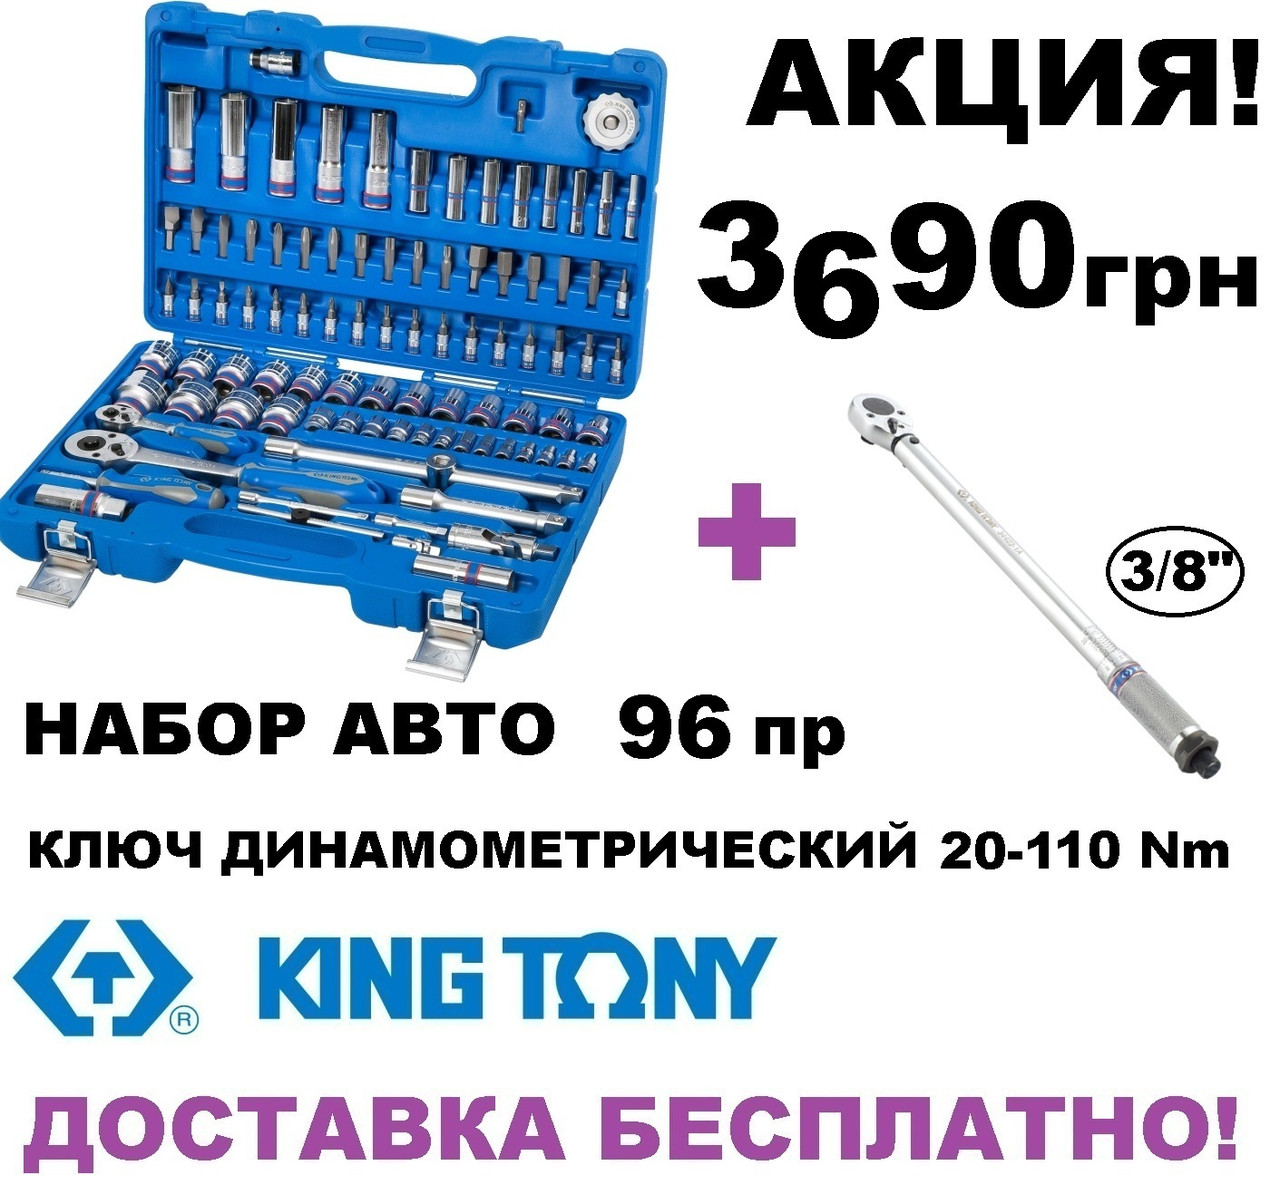 Набор инструментов 96 ед. King Tony SC7596MR + динамометрический ключ АКЦИЯ